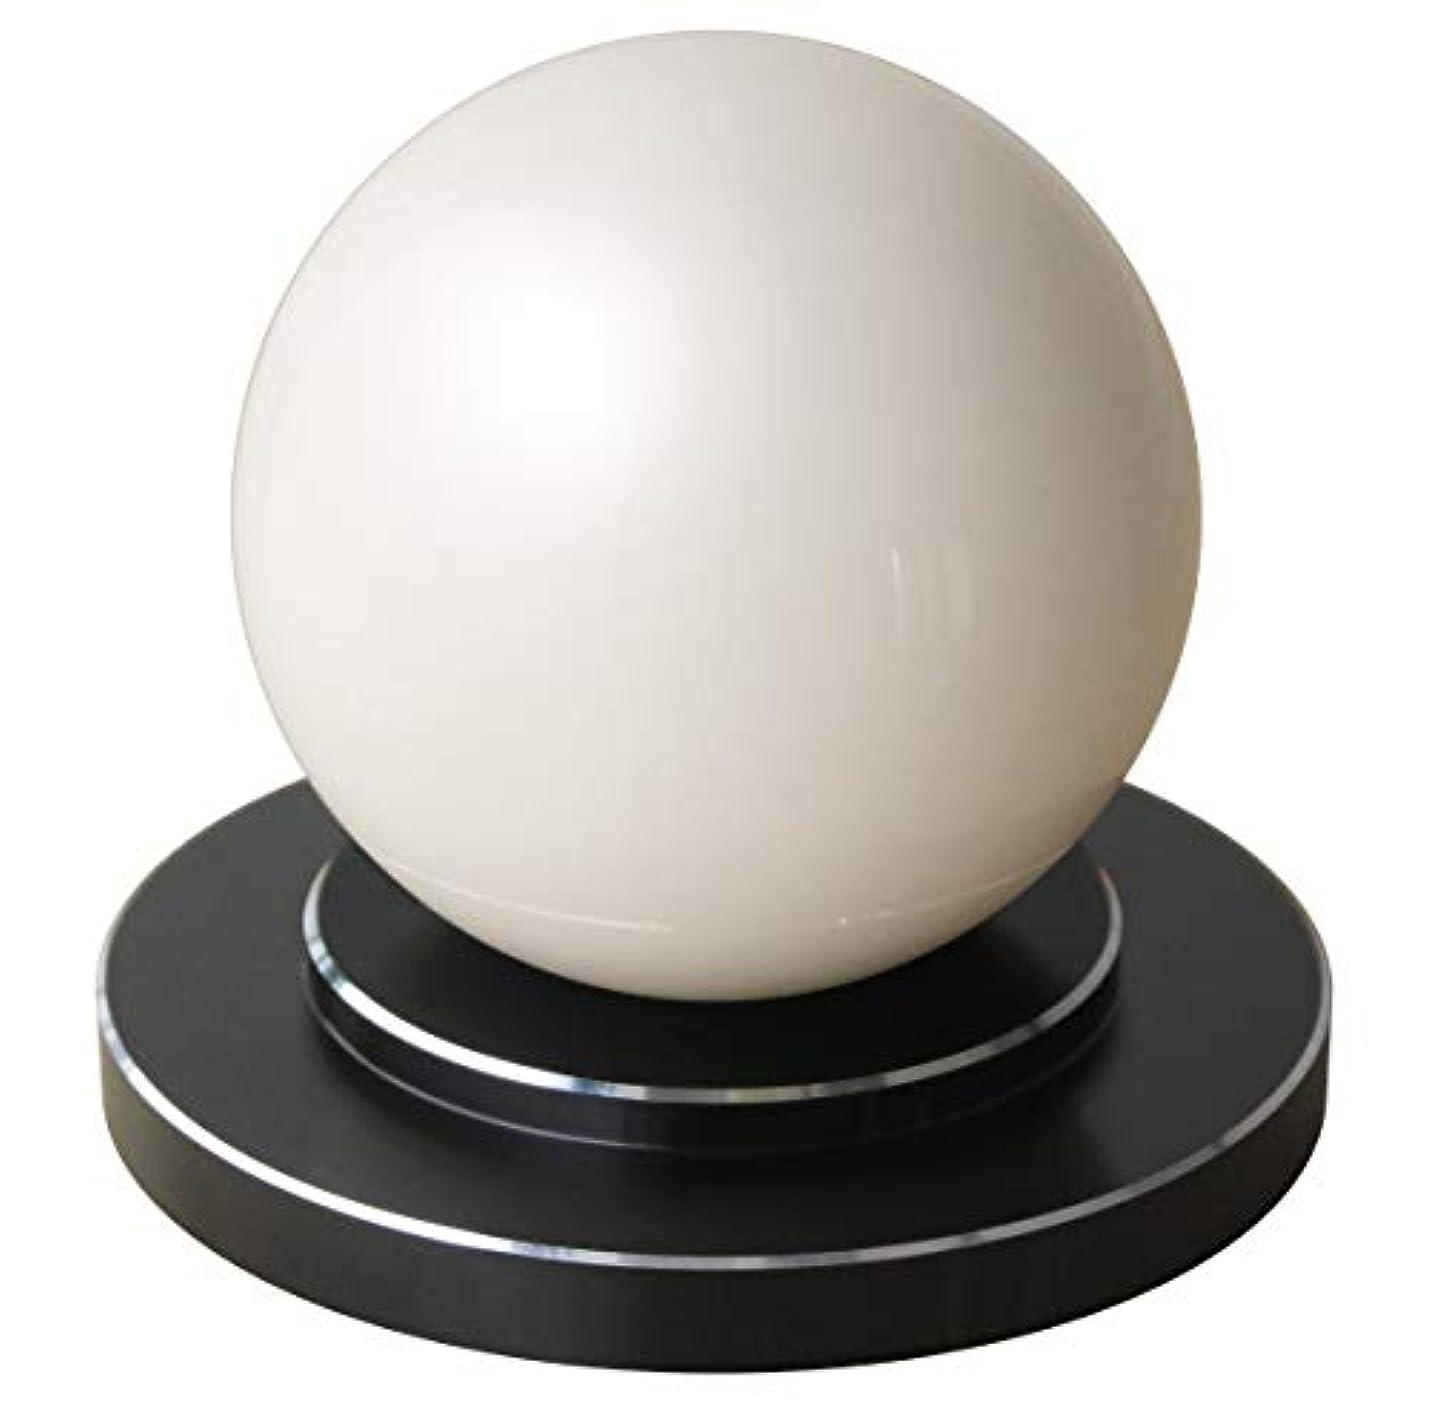 カタログ殺人有名人商品名:楽人球(らくときゅう):インテリアにもなるスタイリッシュな指圧器。光沢のある大きな球体。美しさと指圧の実力を兼ね備えた全く新しいタイプの指圧器。筋肉のこりをほぐし、リラックスできる。 【 すごく効く理由→一点圧により...